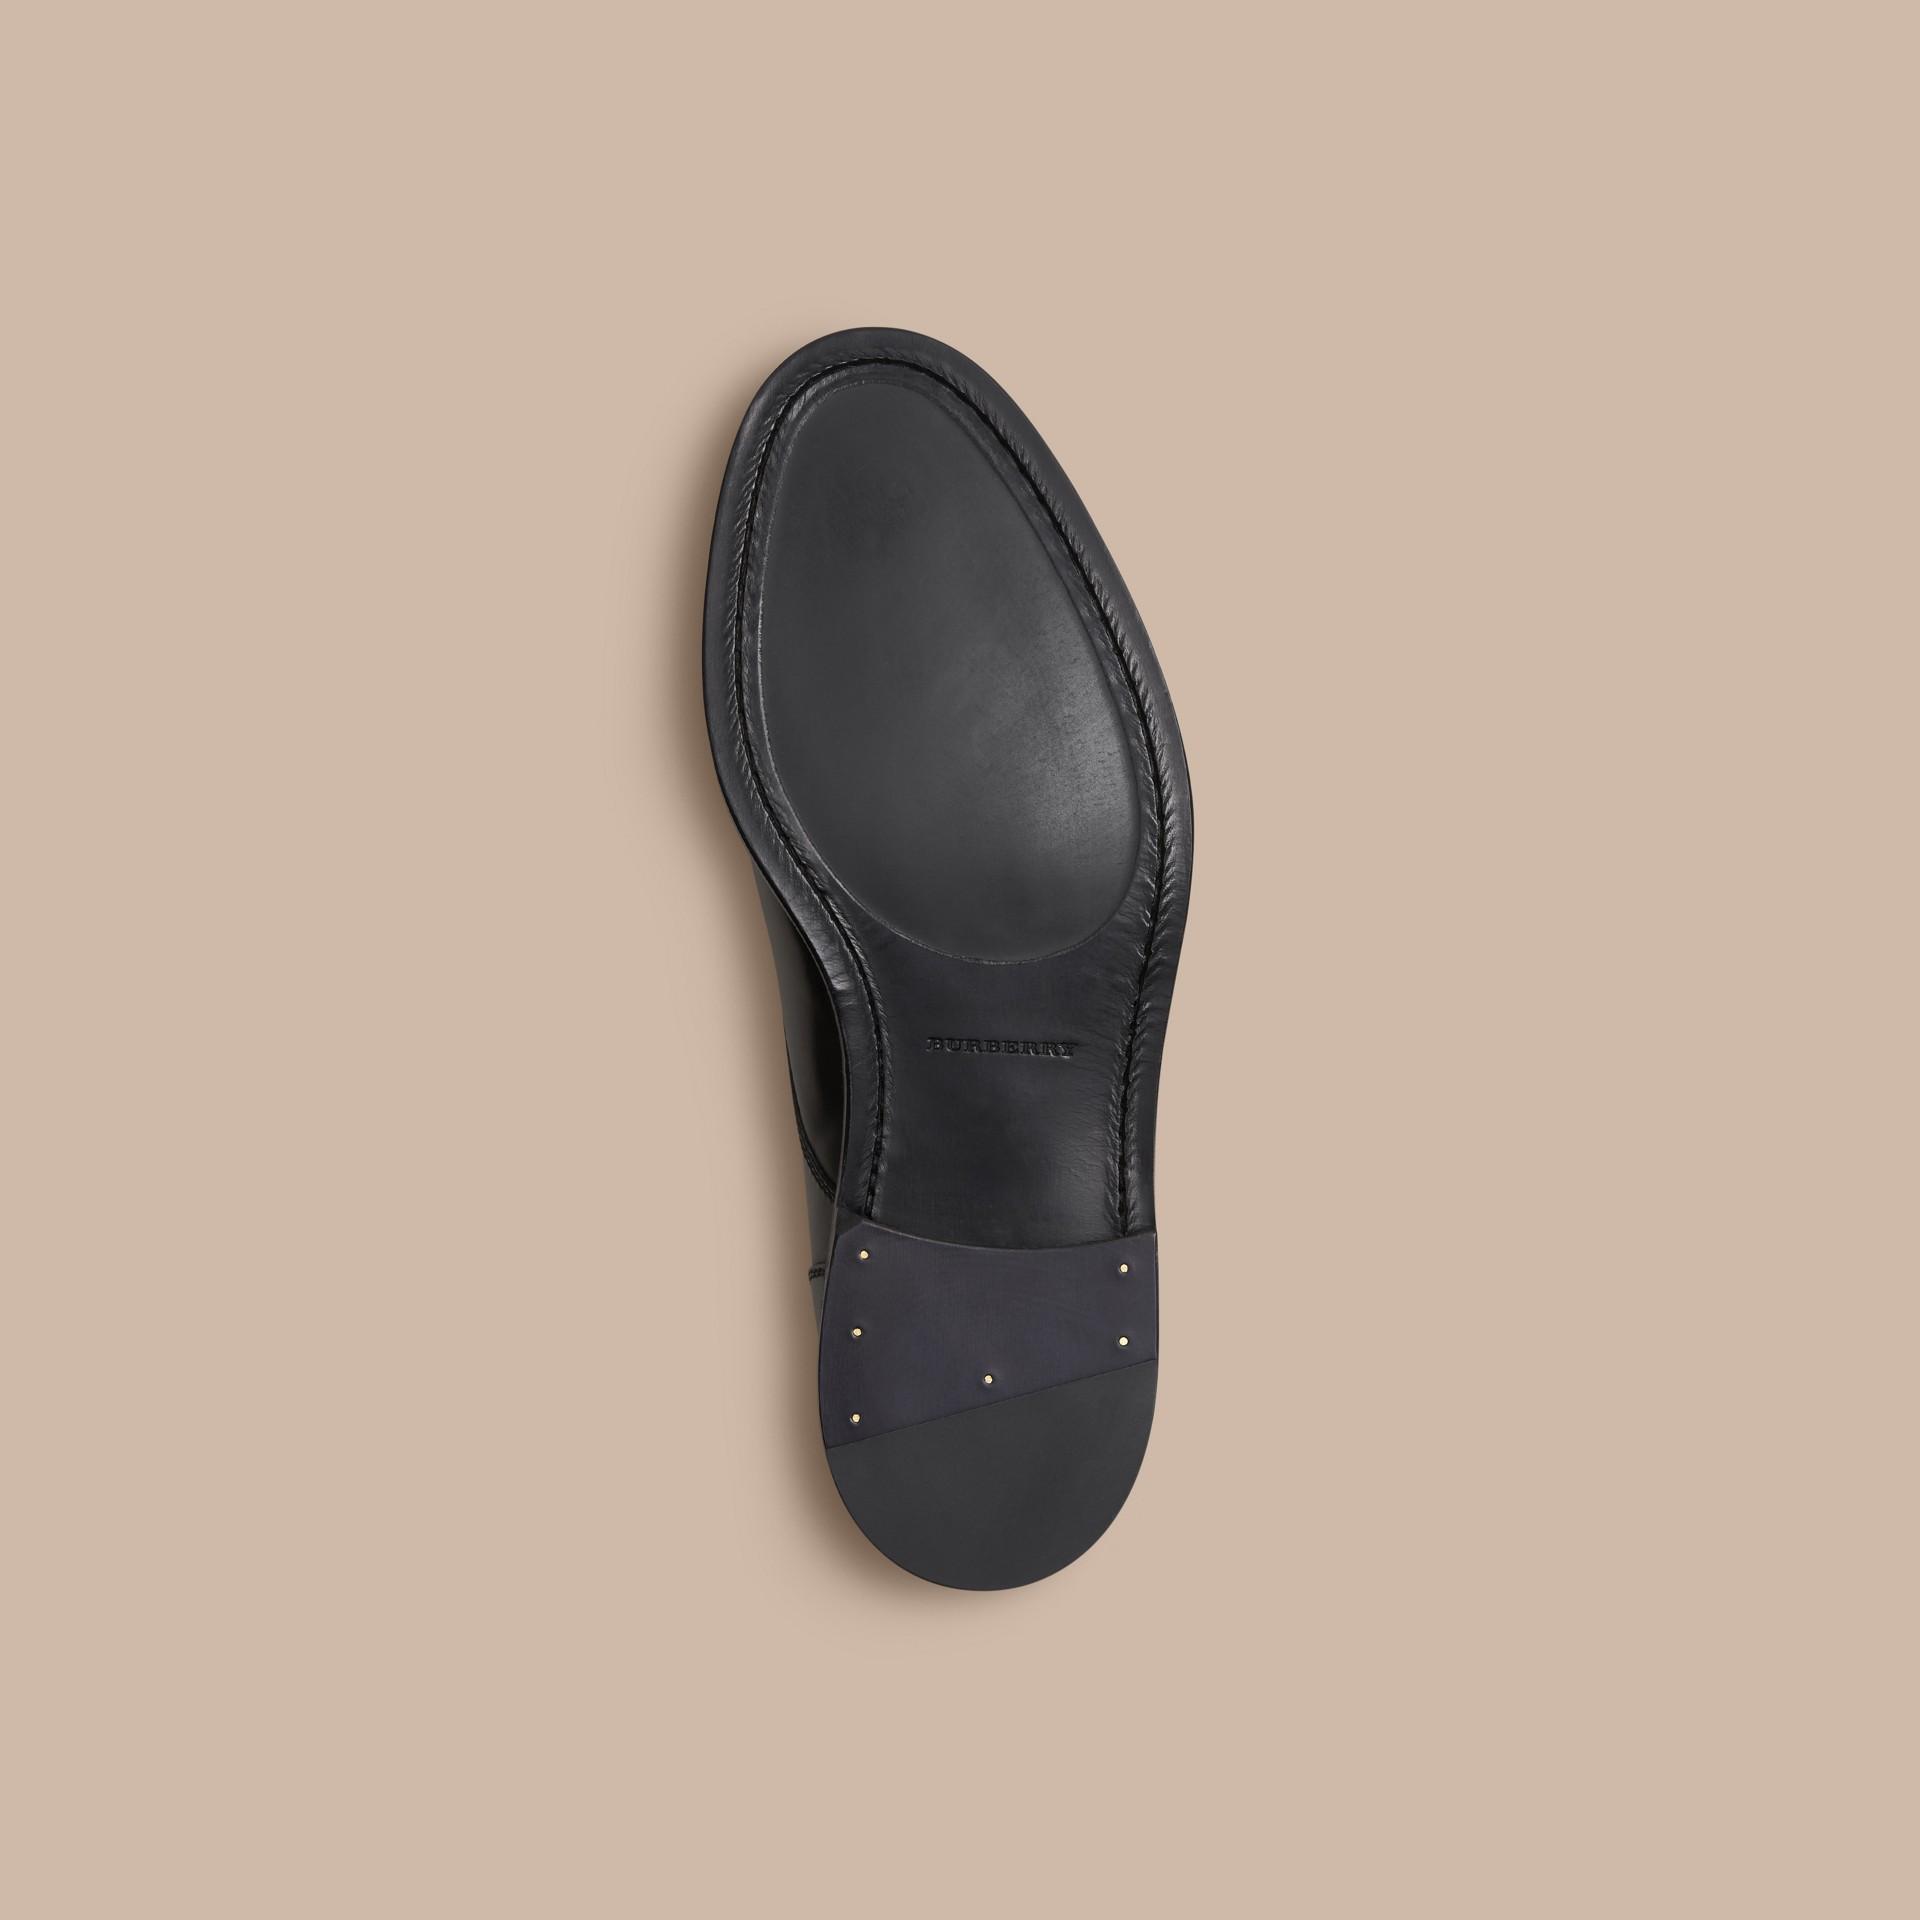 Schwarz Derby-Schuhe aus Leder Schwarz - Galerie-Bild 5